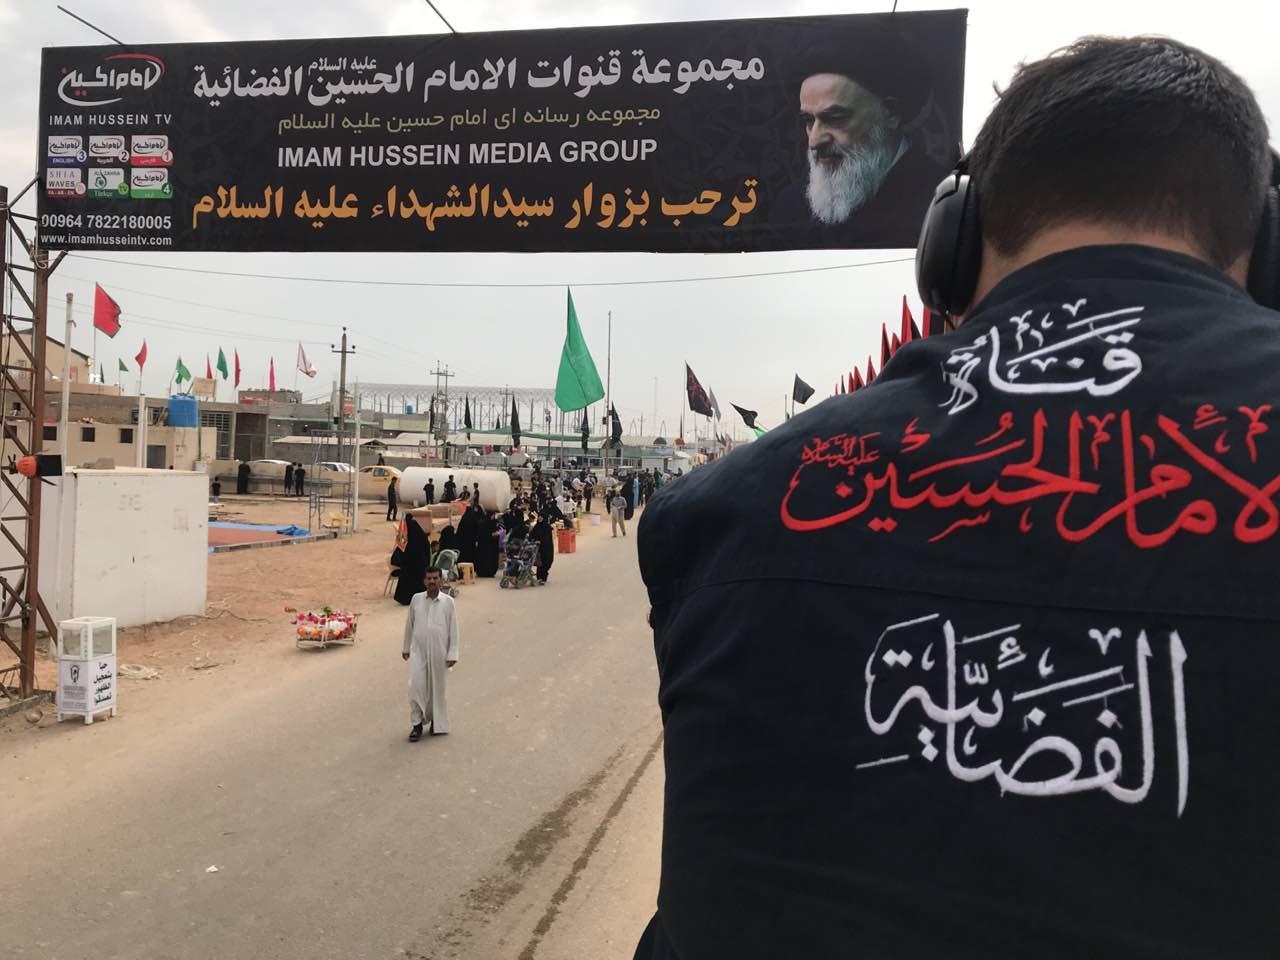 تصویر آغاز پخش ویژه برنامه های  مجموعه رسانه ای امام حسین علیه السلام از عمود 1114